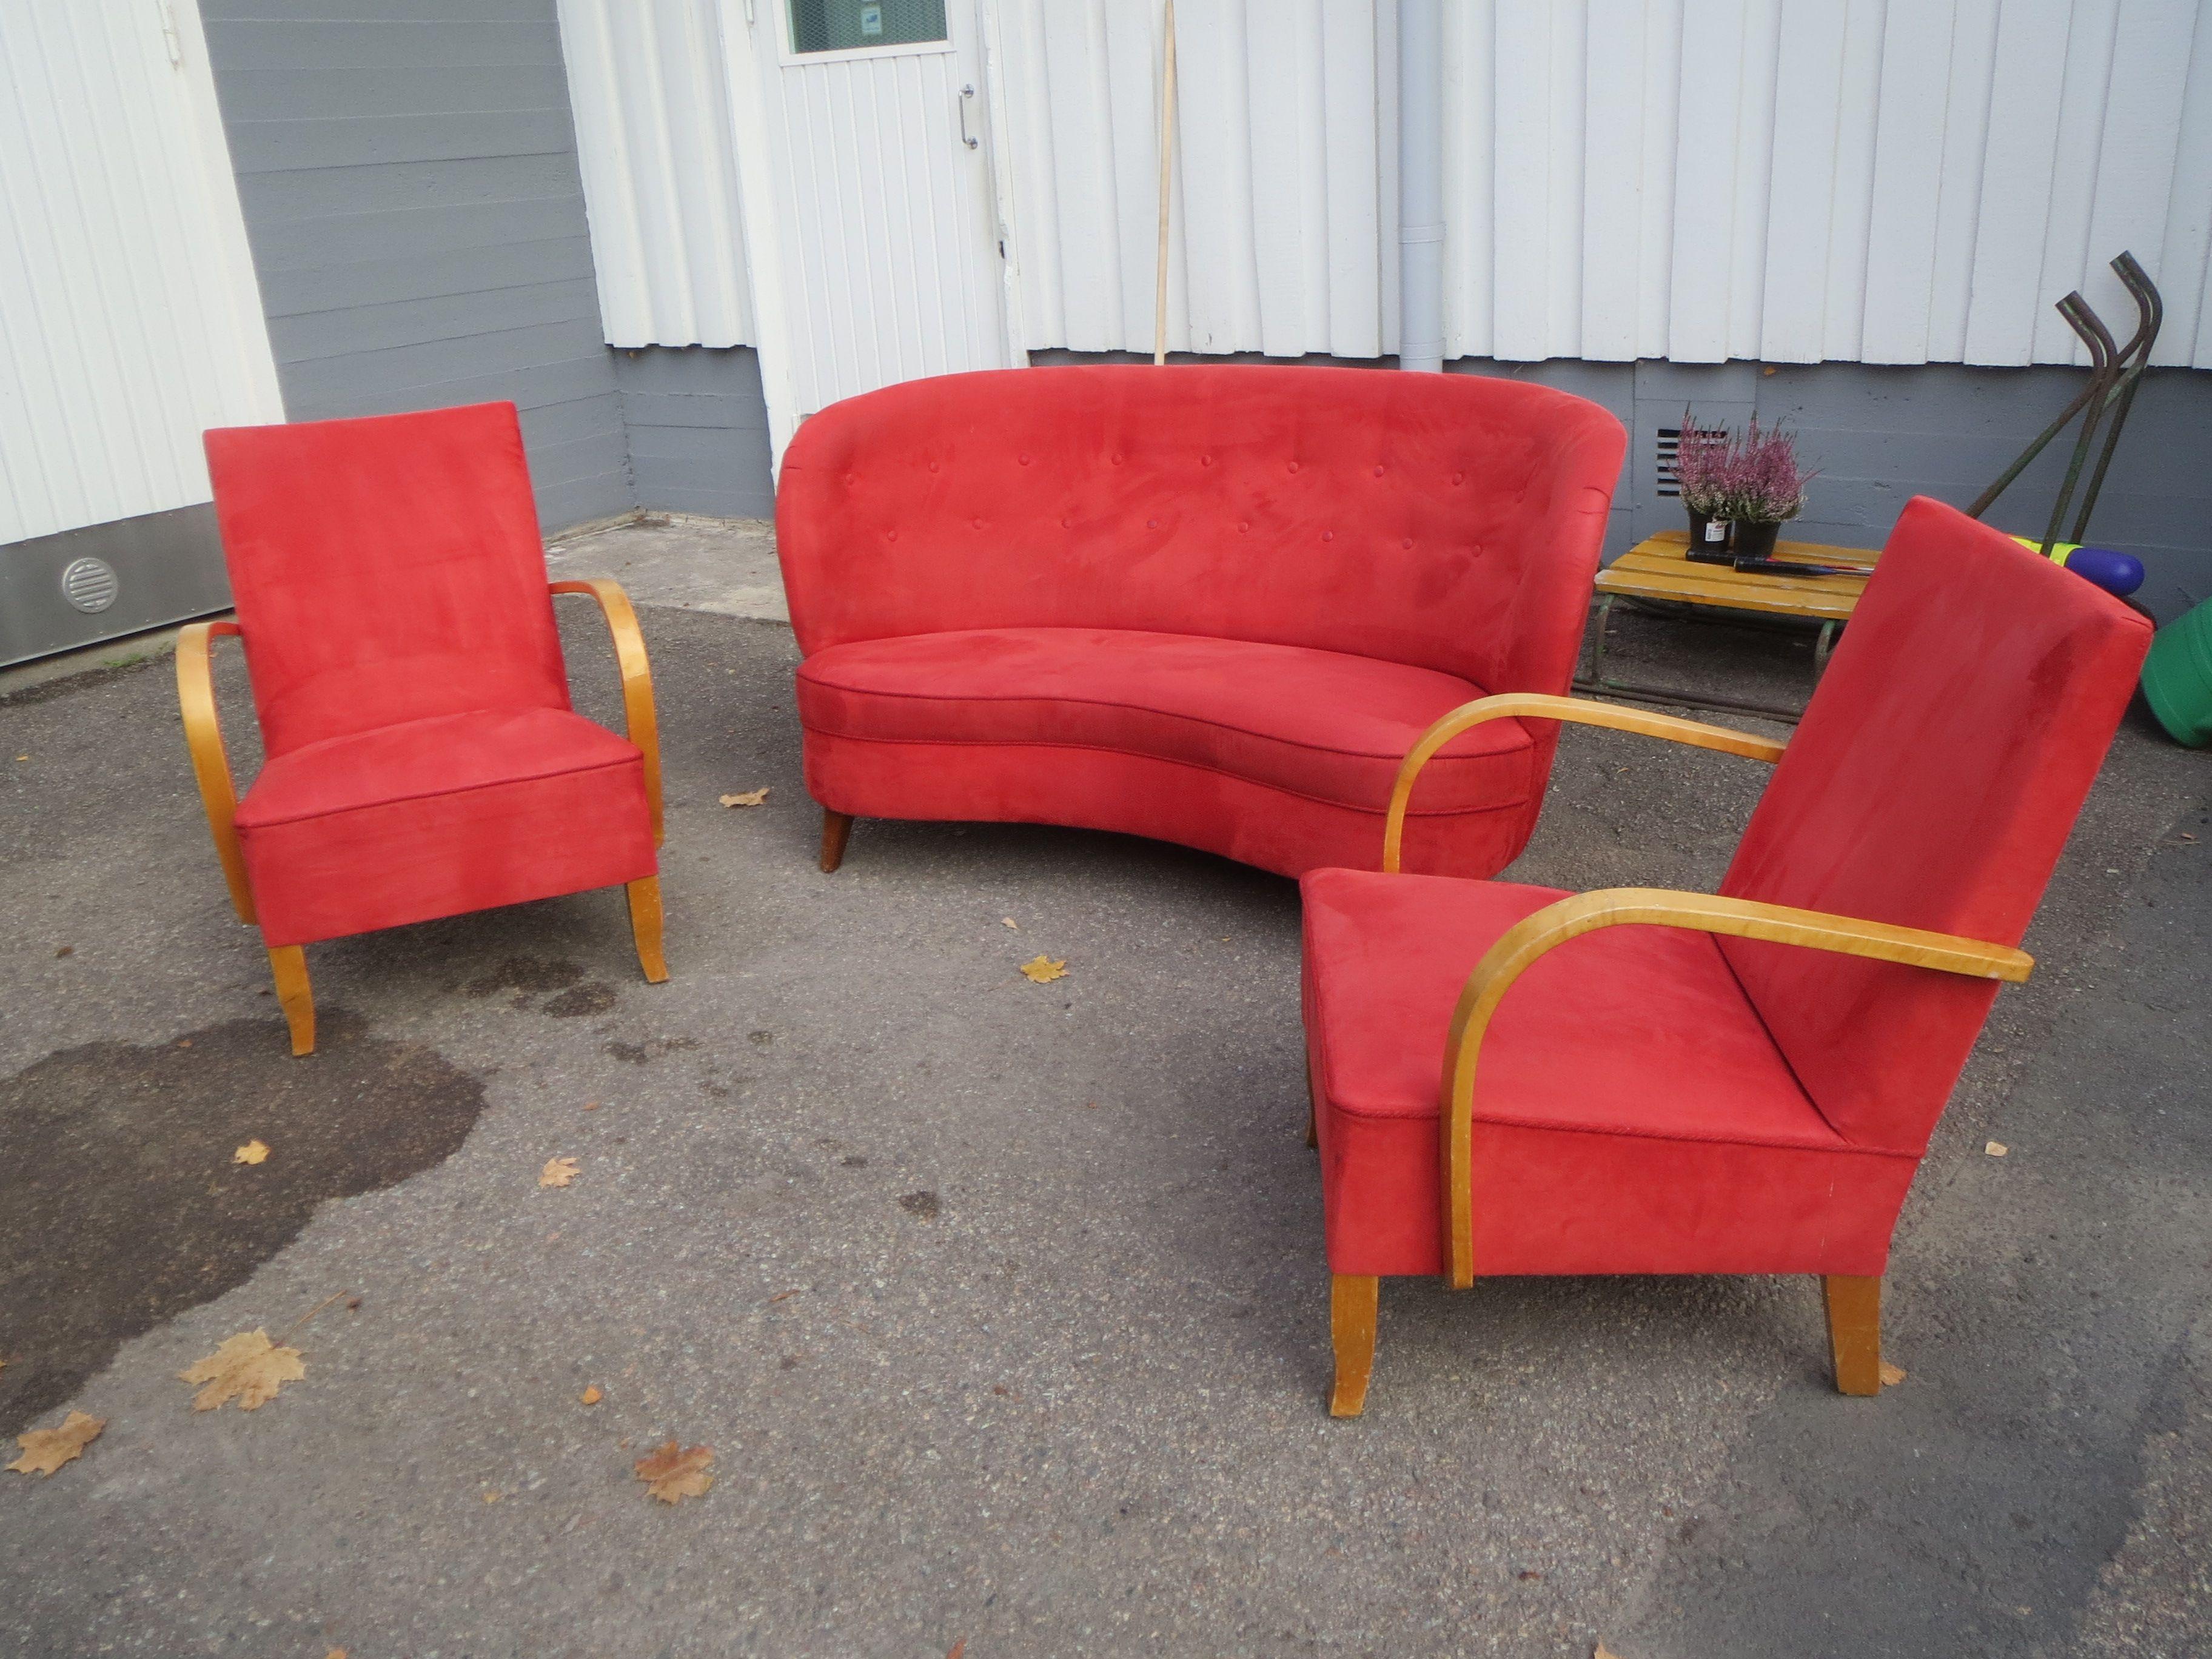 50-luvun sohvakalusto, uudelleen verhoiltu jossain vaiheessa alcantara -kankaalla. Verhoilu on kaikaissa ehjä, mutta jonkin verran käytön jälkeä pinnoissa näkyy, ajan jälkeä myös nojatuolien puuosissa. Jouset ovat kaikissa hyvässä kunnossa.  Yhdessä MYYTY.